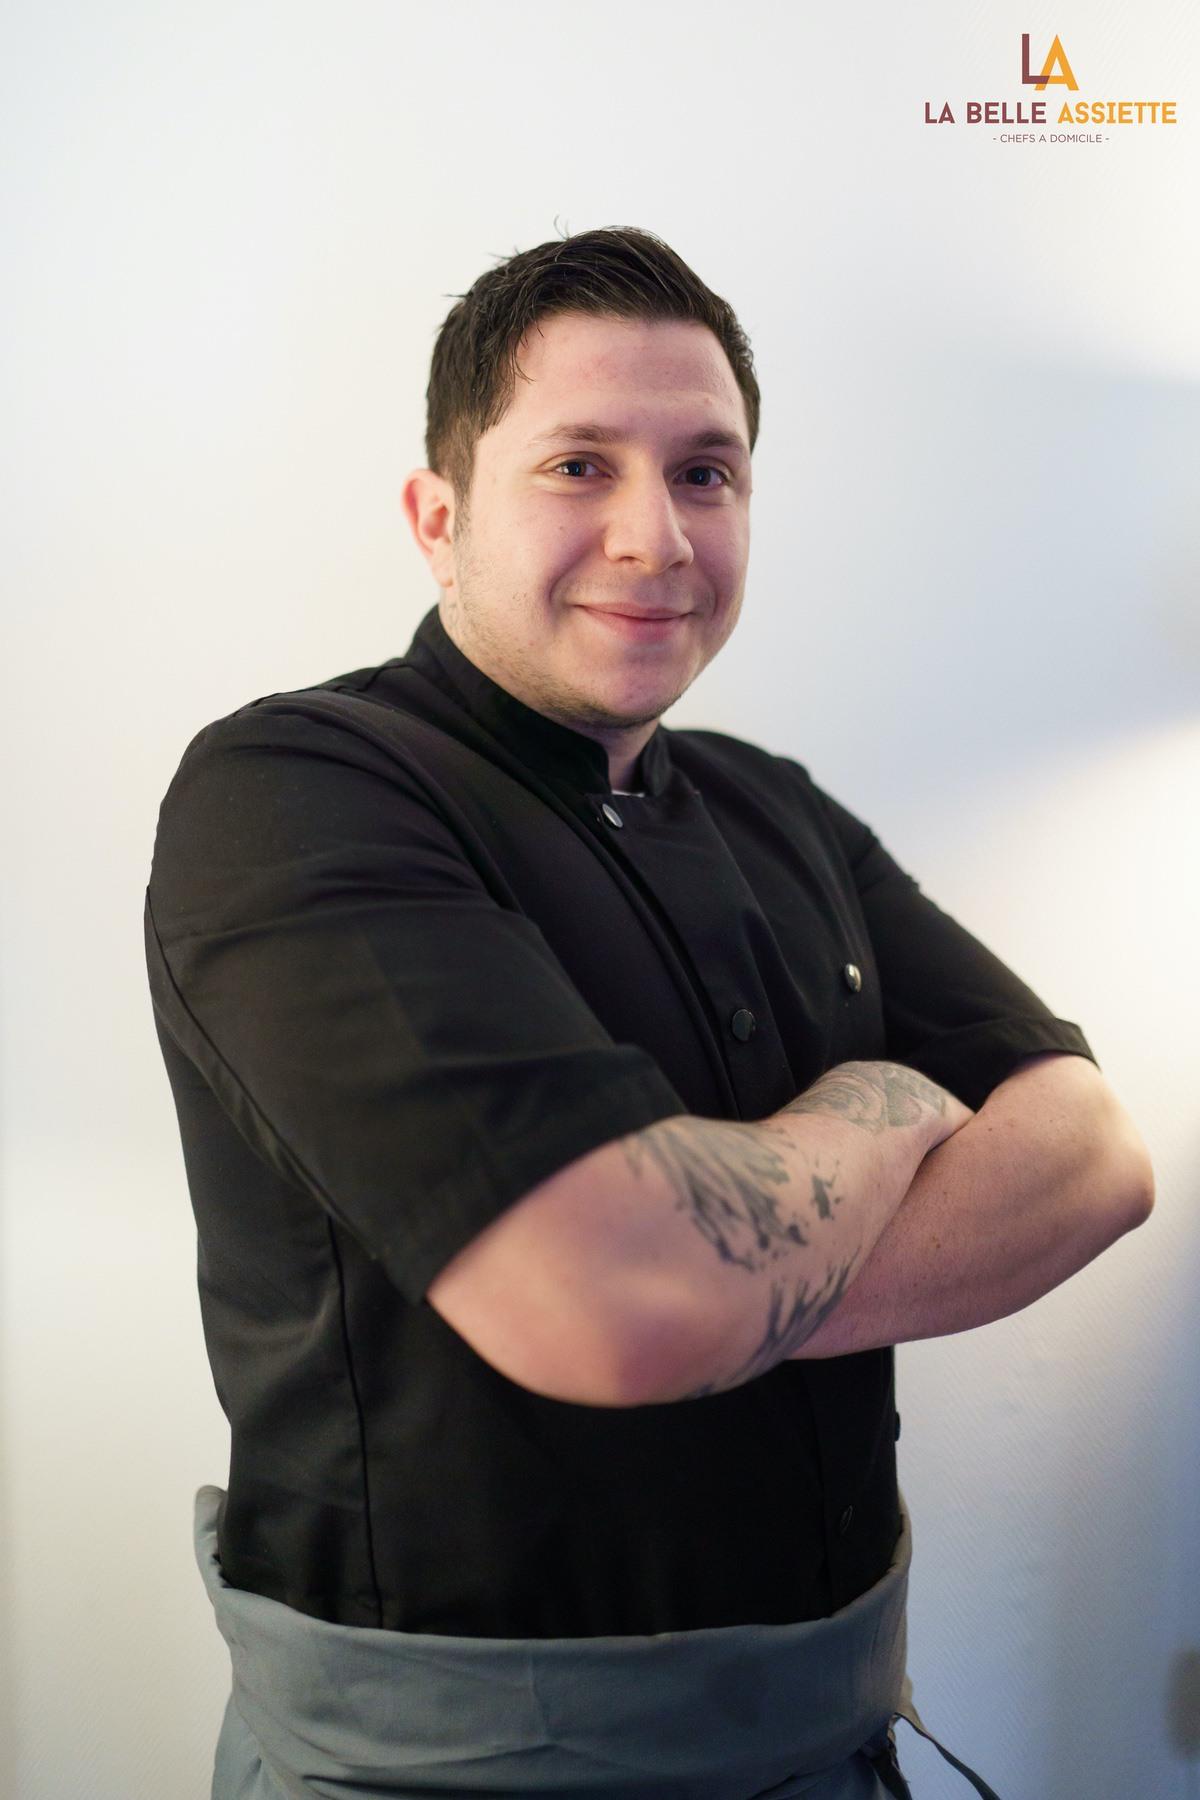 Fabio Minicillo